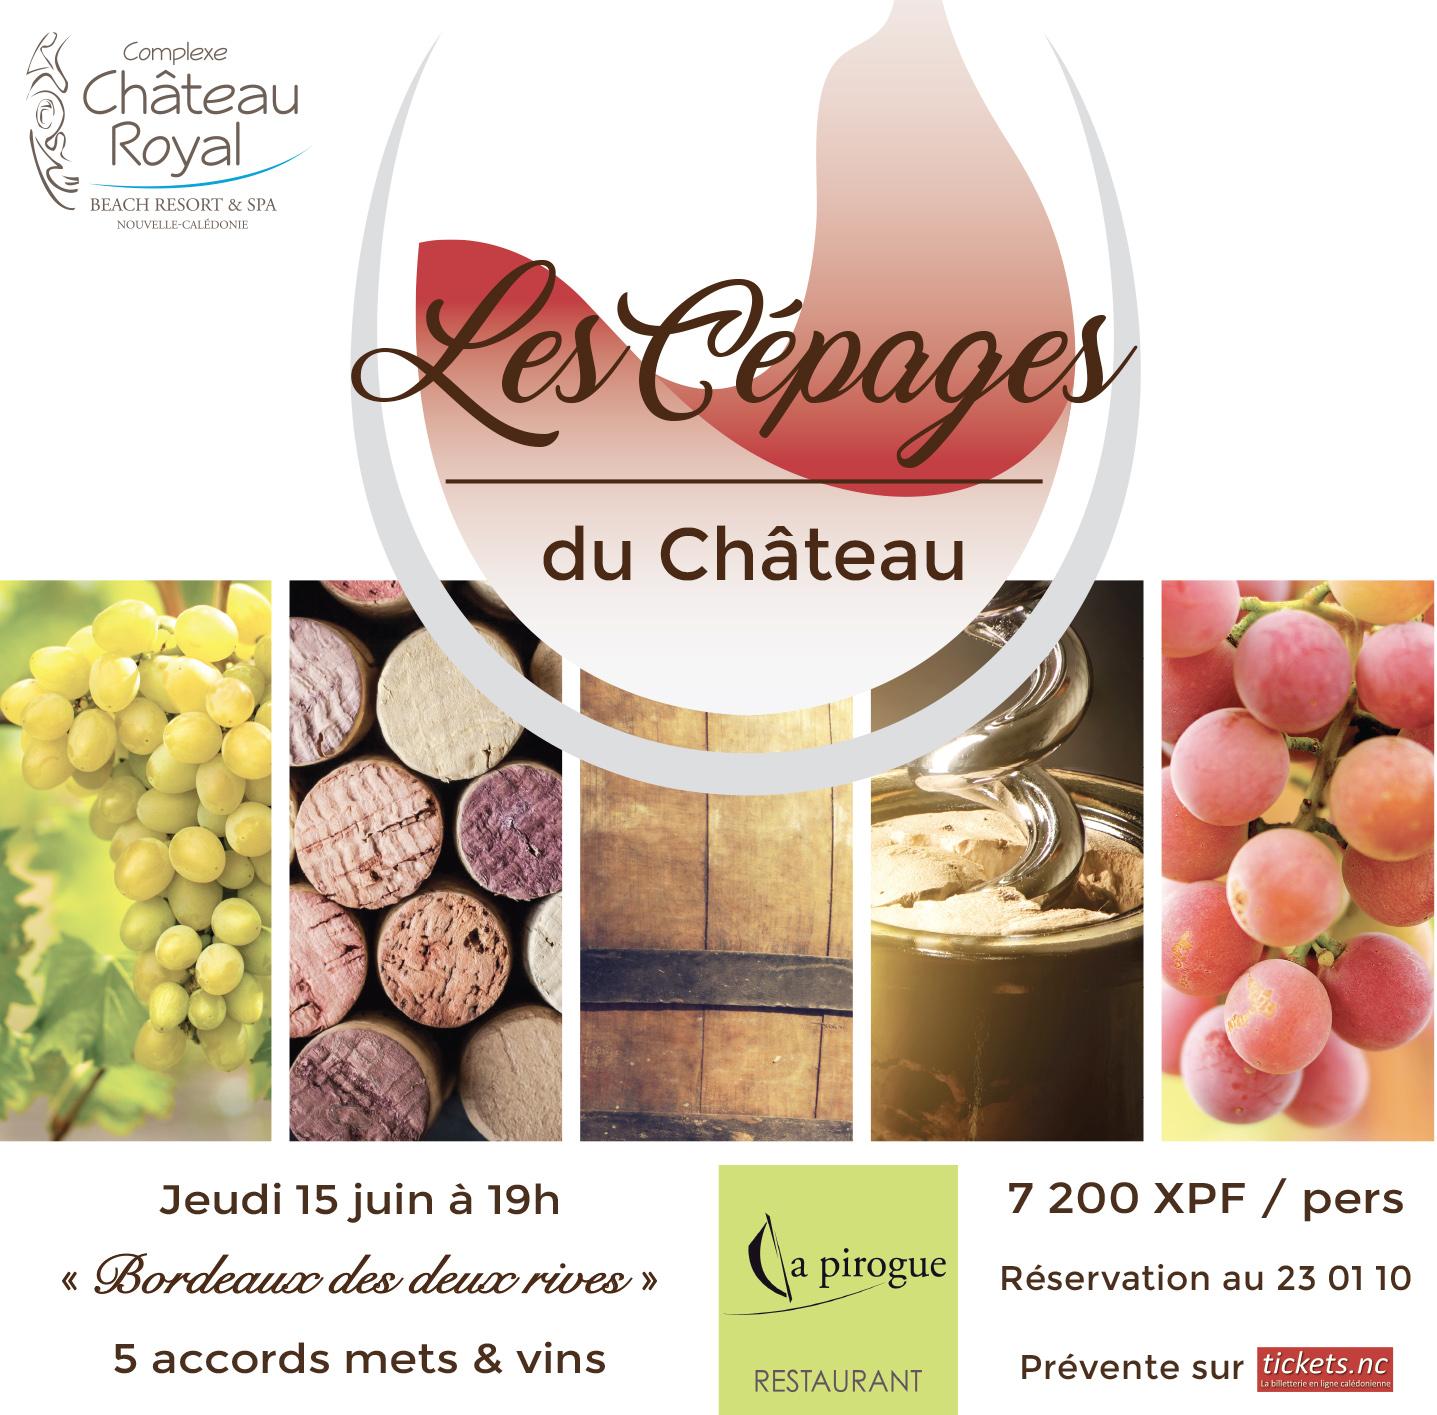 cepages-du-chateau-DNC-42x42-.jpg